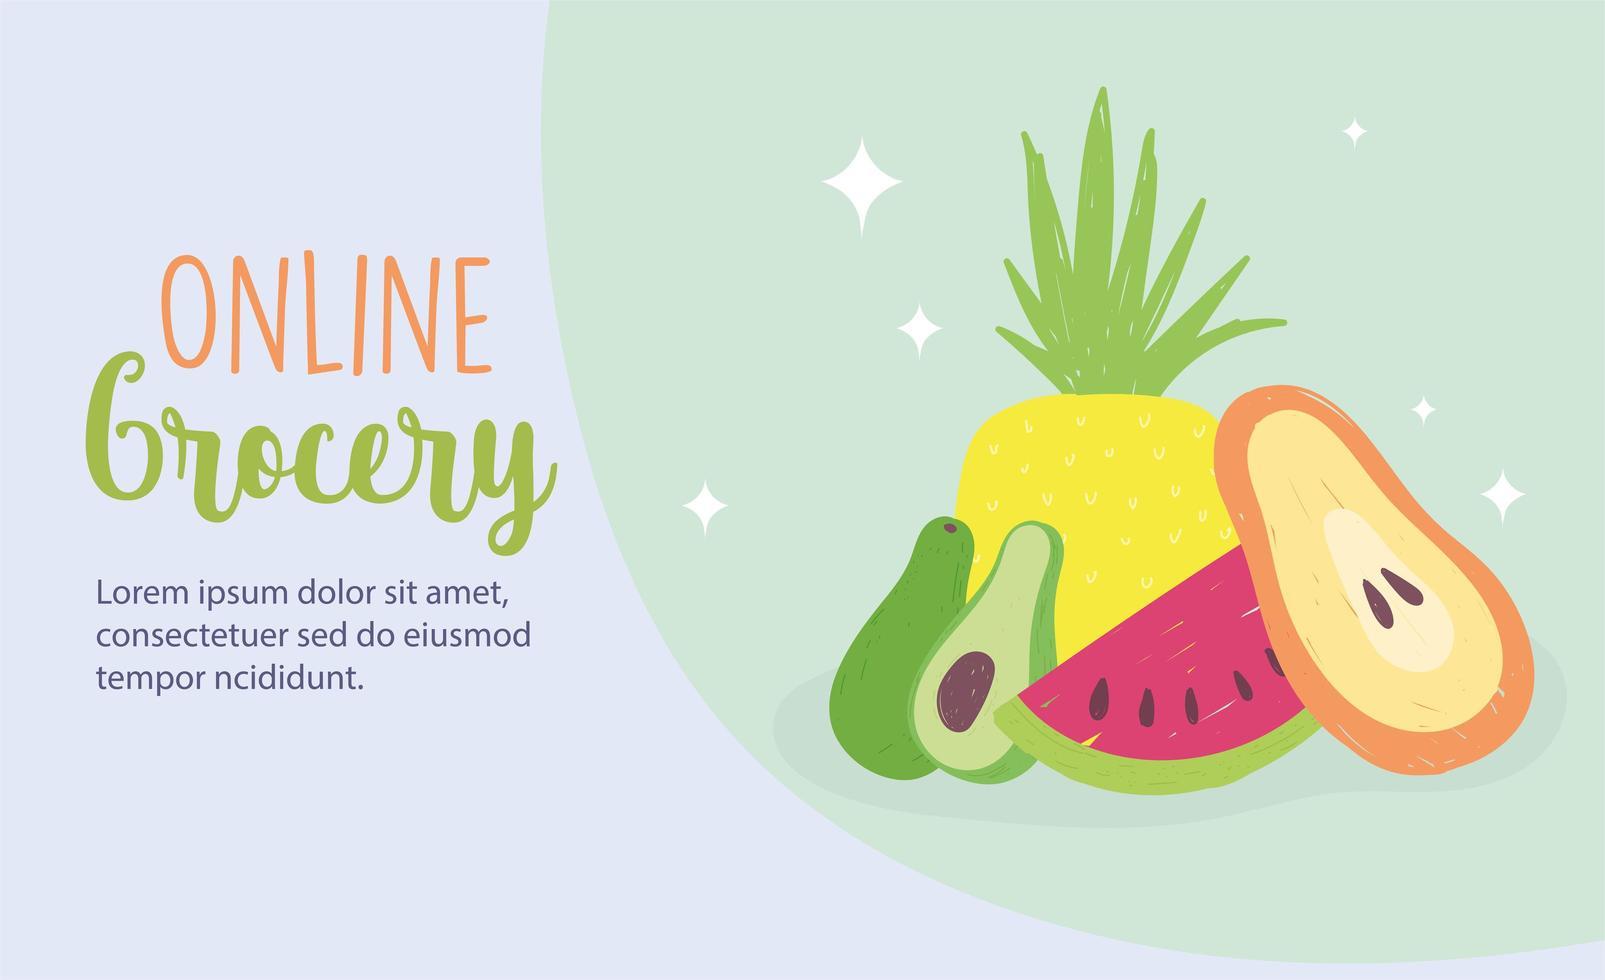 mercato online. consegna a domicilio negozio di alimentari frutta fresca vettore